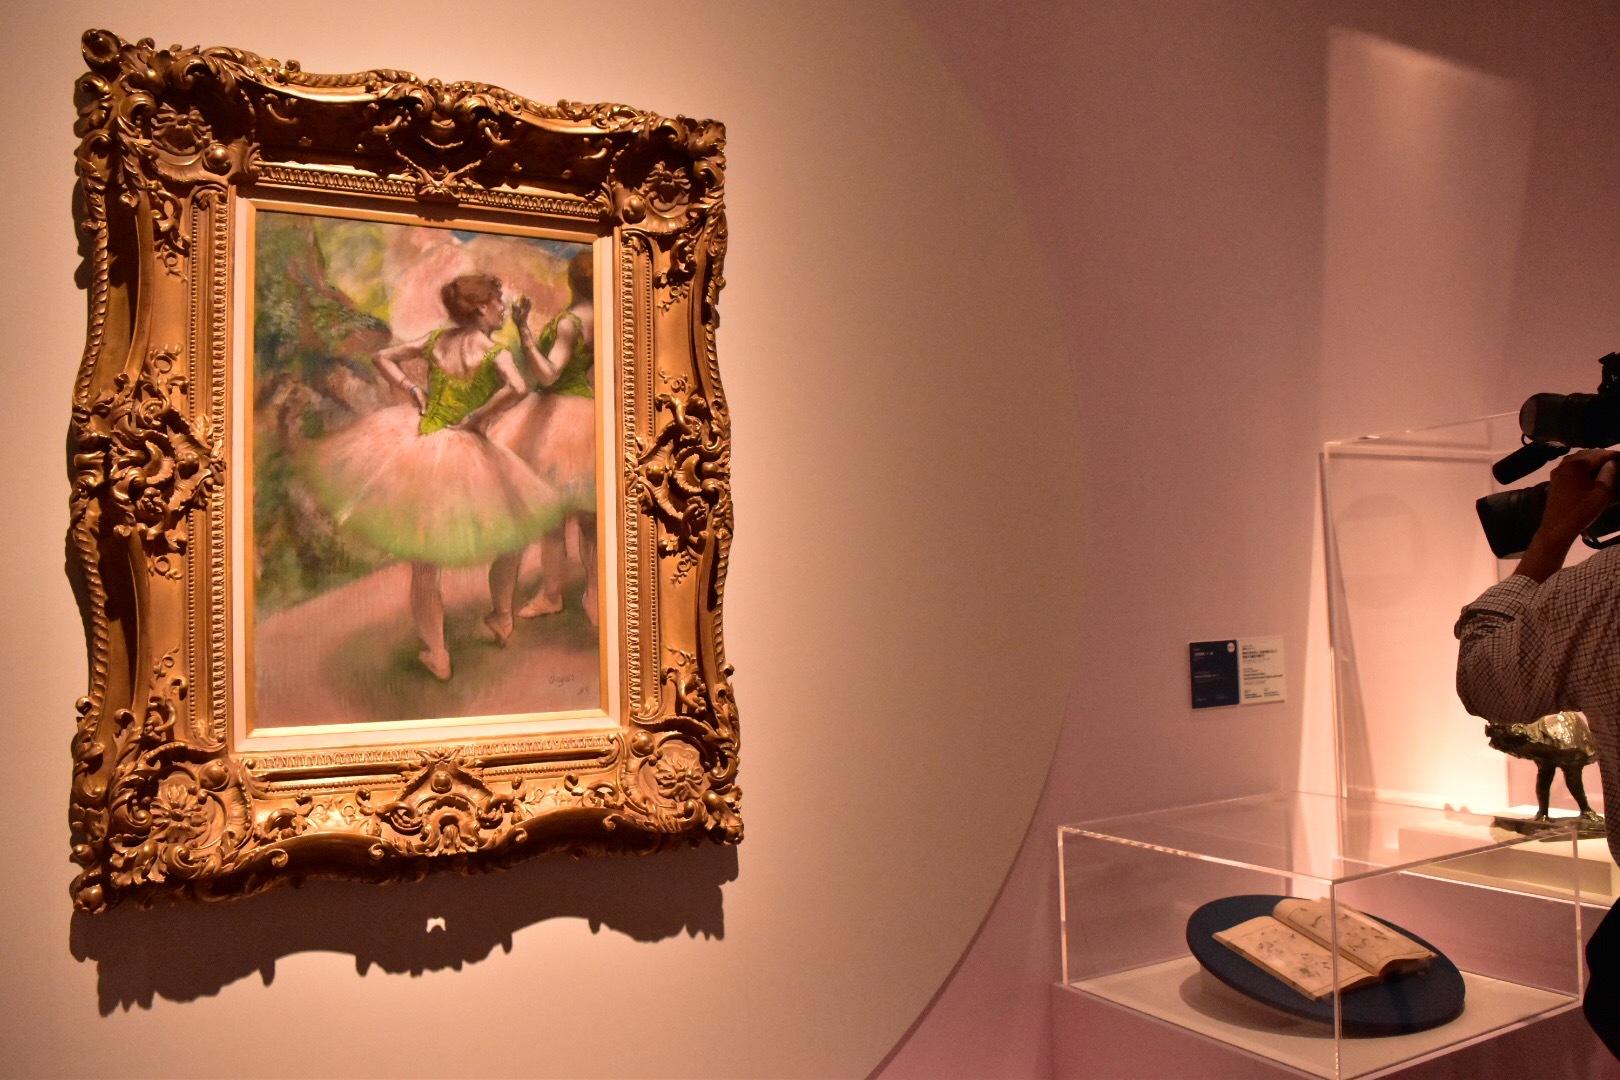 エドガー・ドガ《踊り子たち、ピンクと緑》1894年 吉野石膏株式会社(山形美術館寄託)